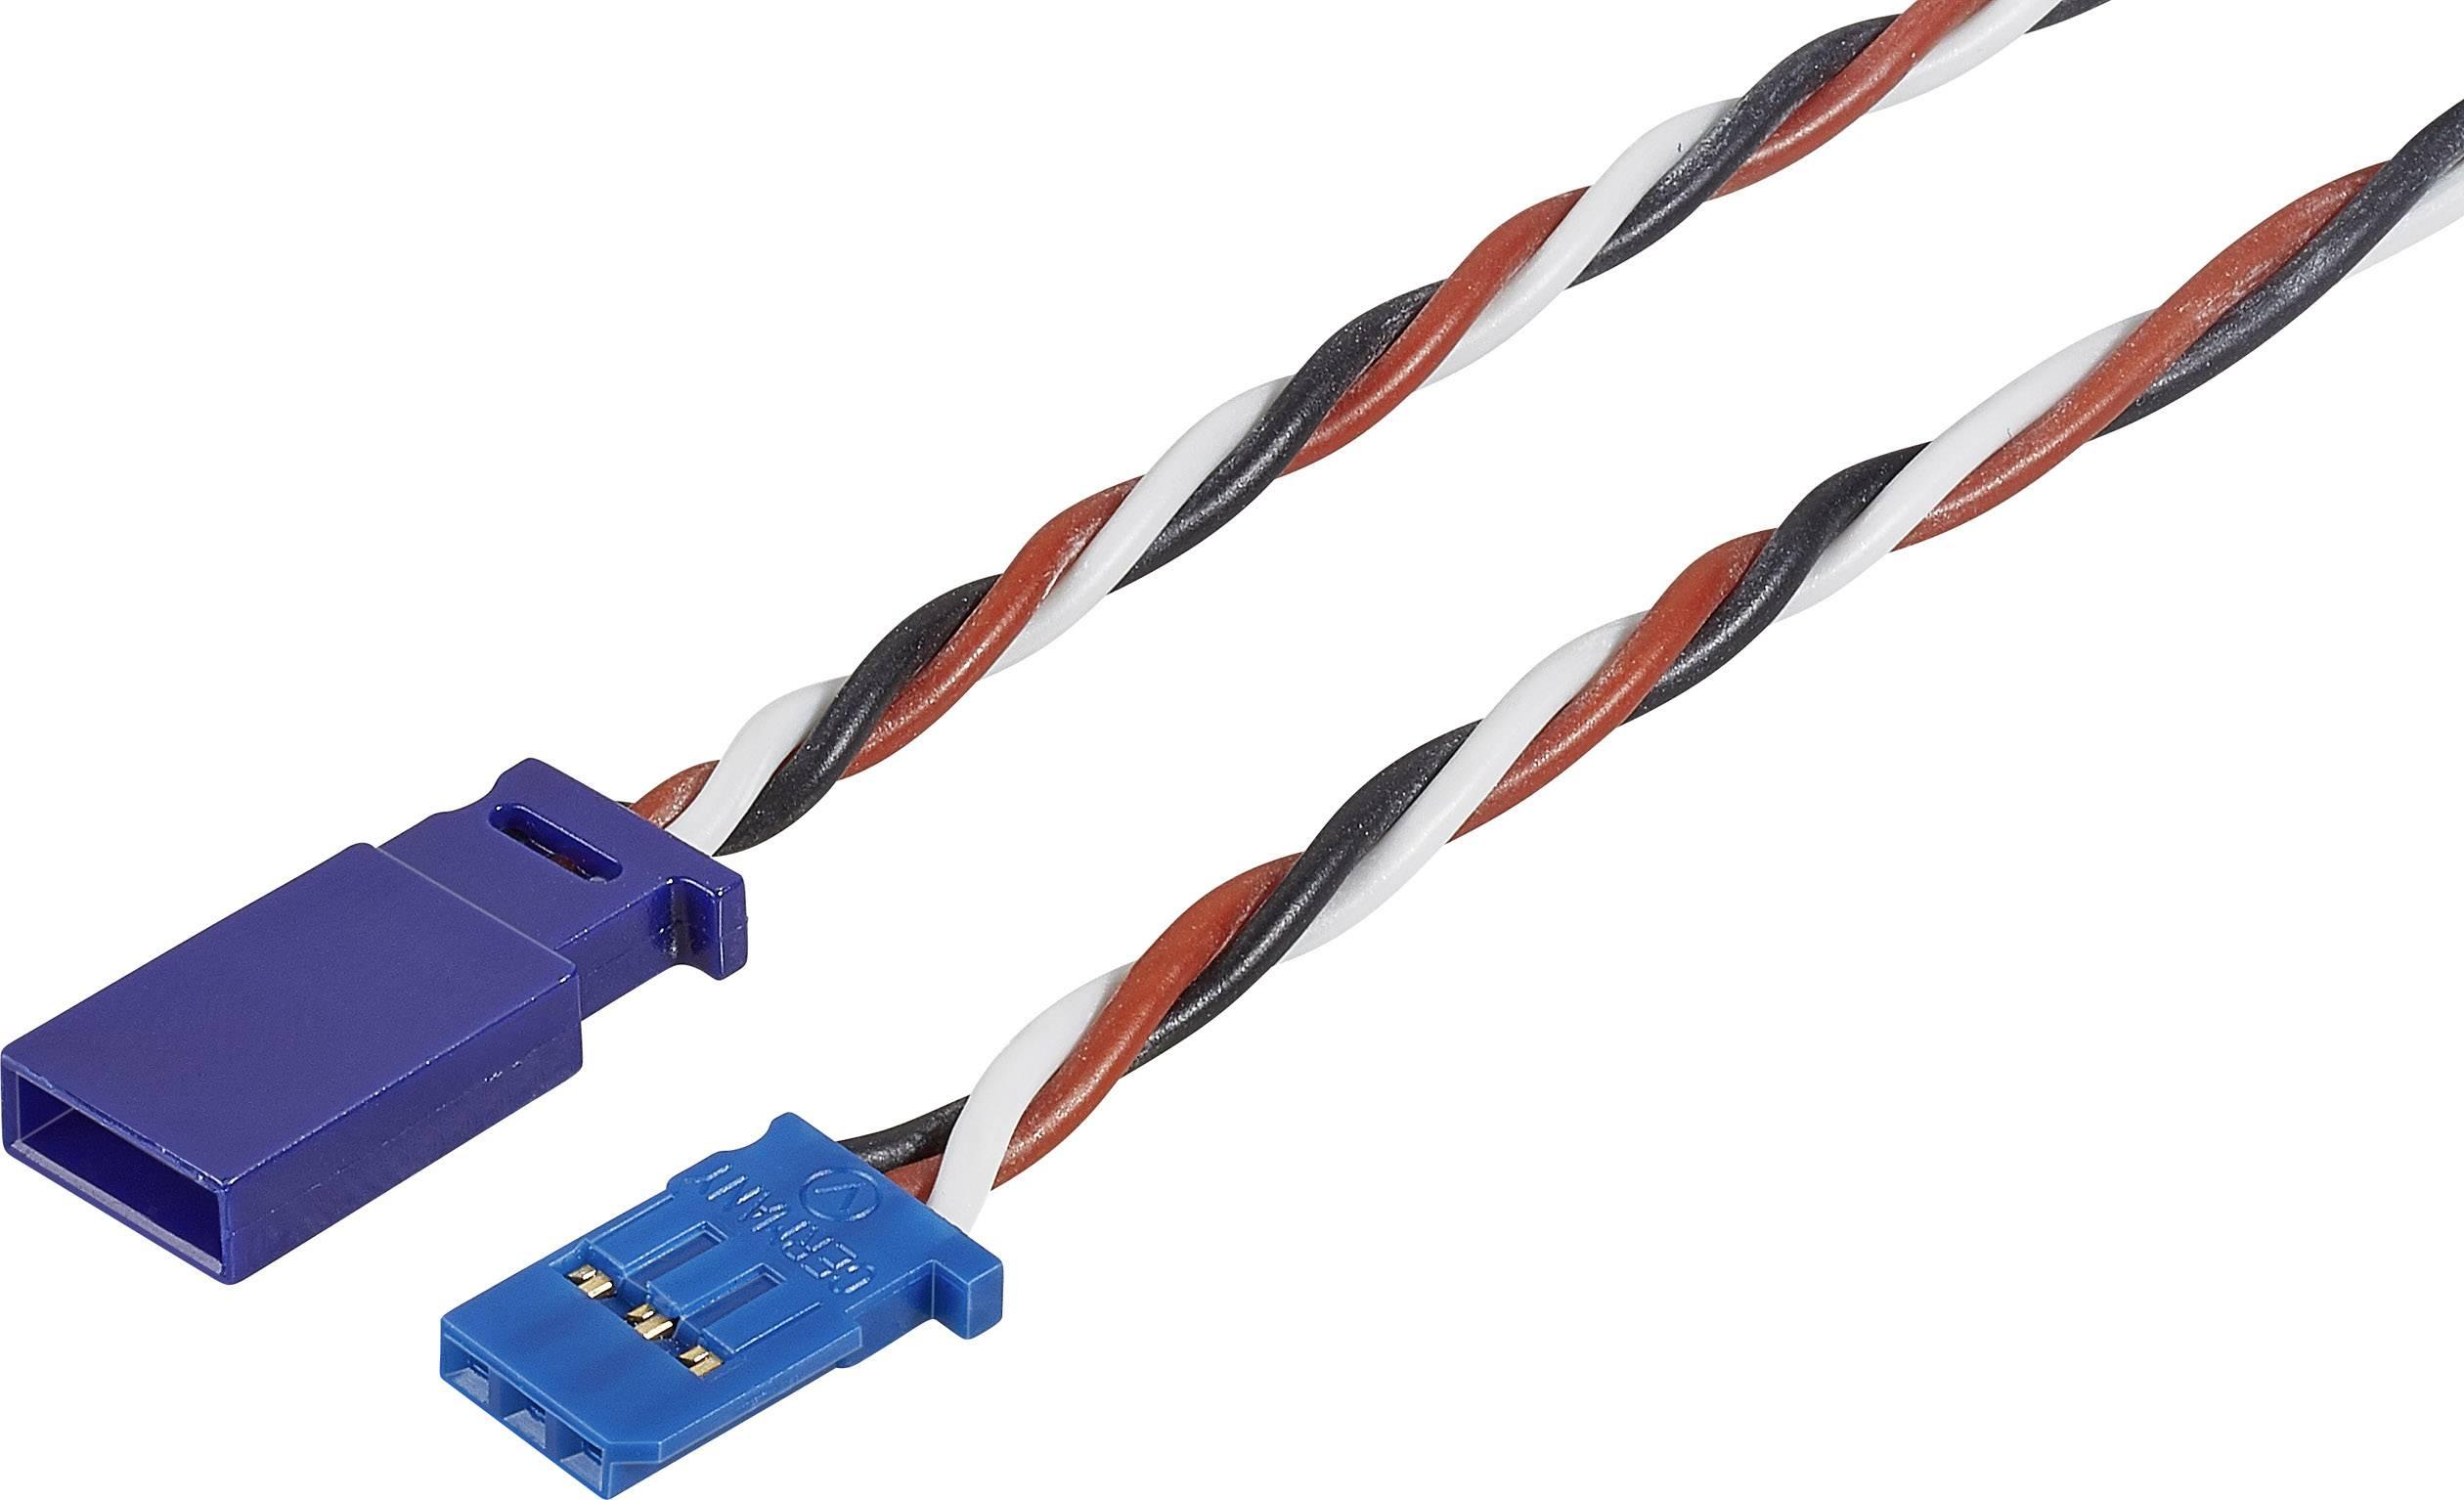 Prodlužovací kabel Modelcraft, konektor Futaba, 100 cm